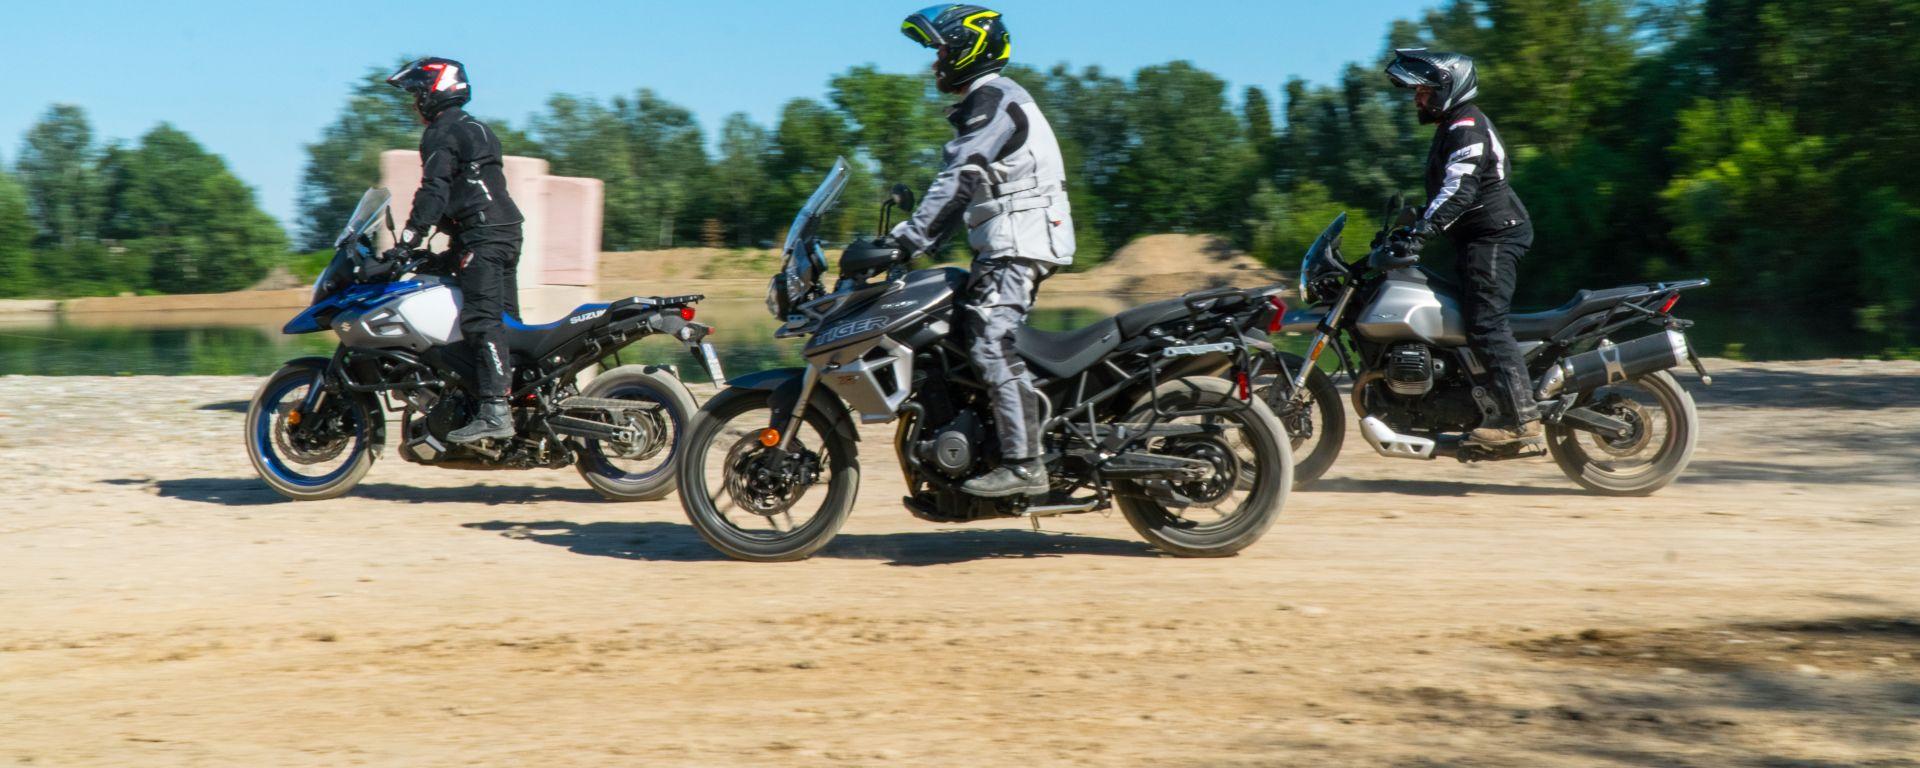 Confronto tra Moto Guzzi V85 TT, Triumph Tiger 800 XRT e Suzuki V-Strom 1000 XT